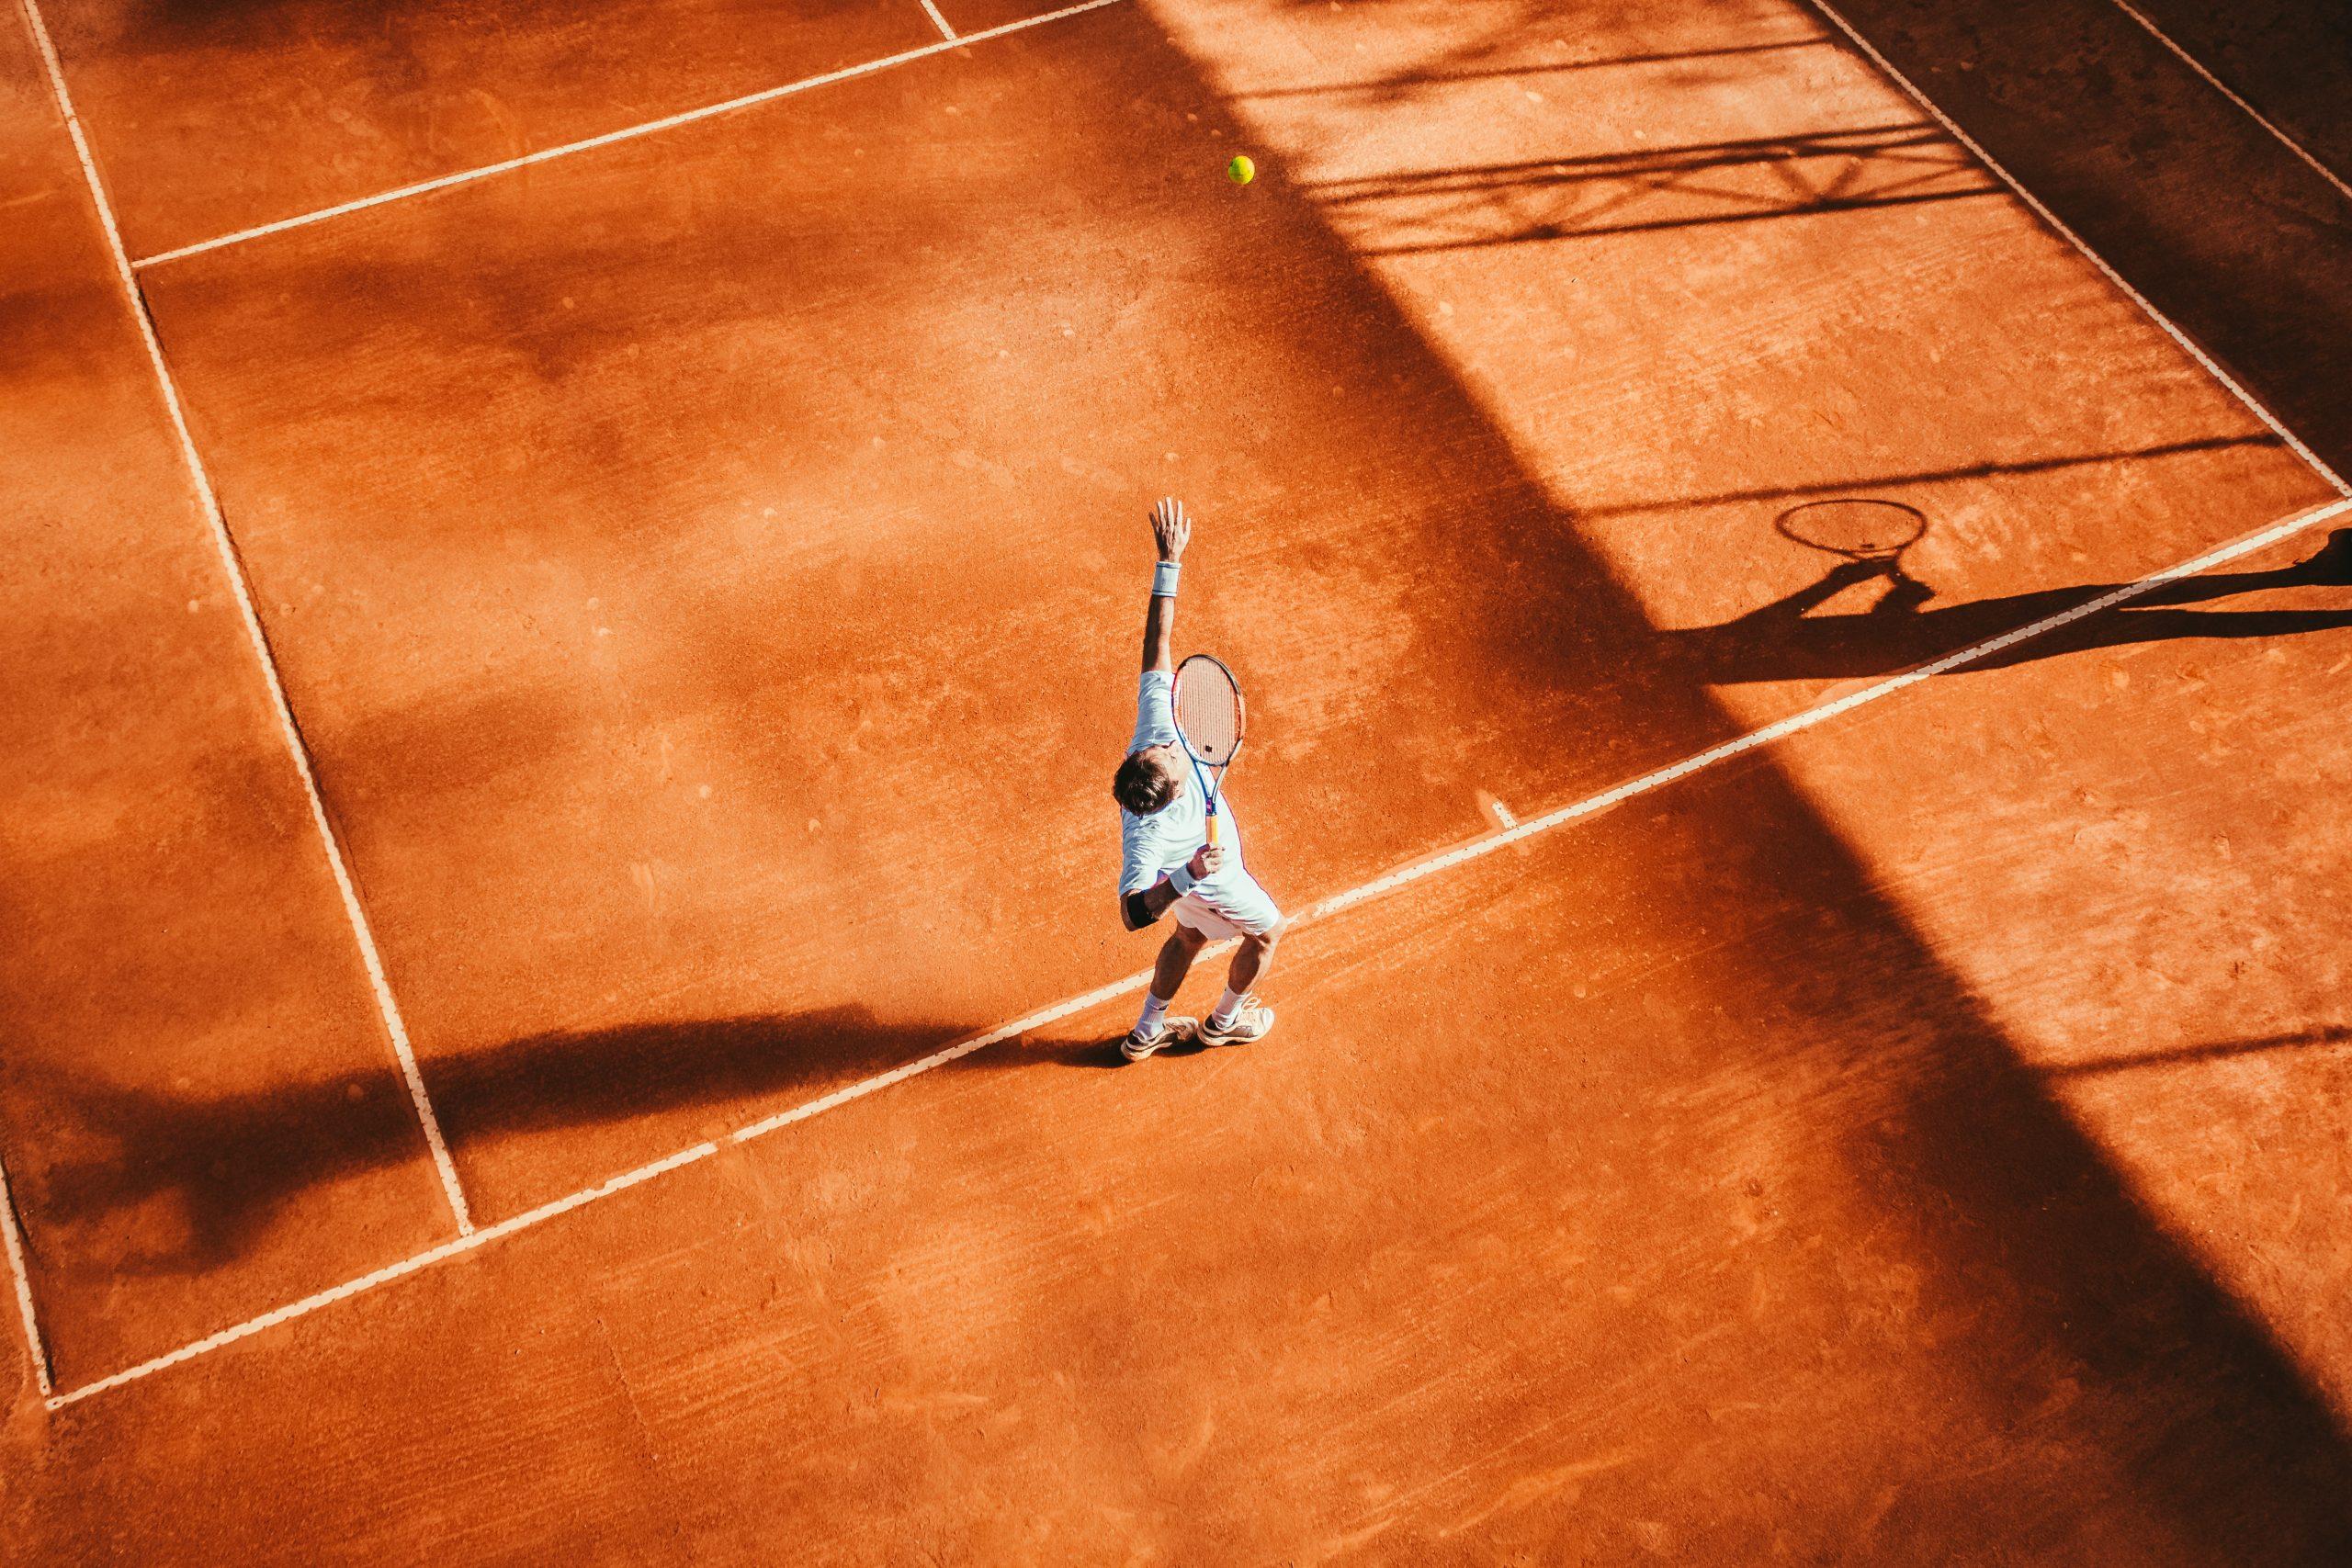 tennis ketcher